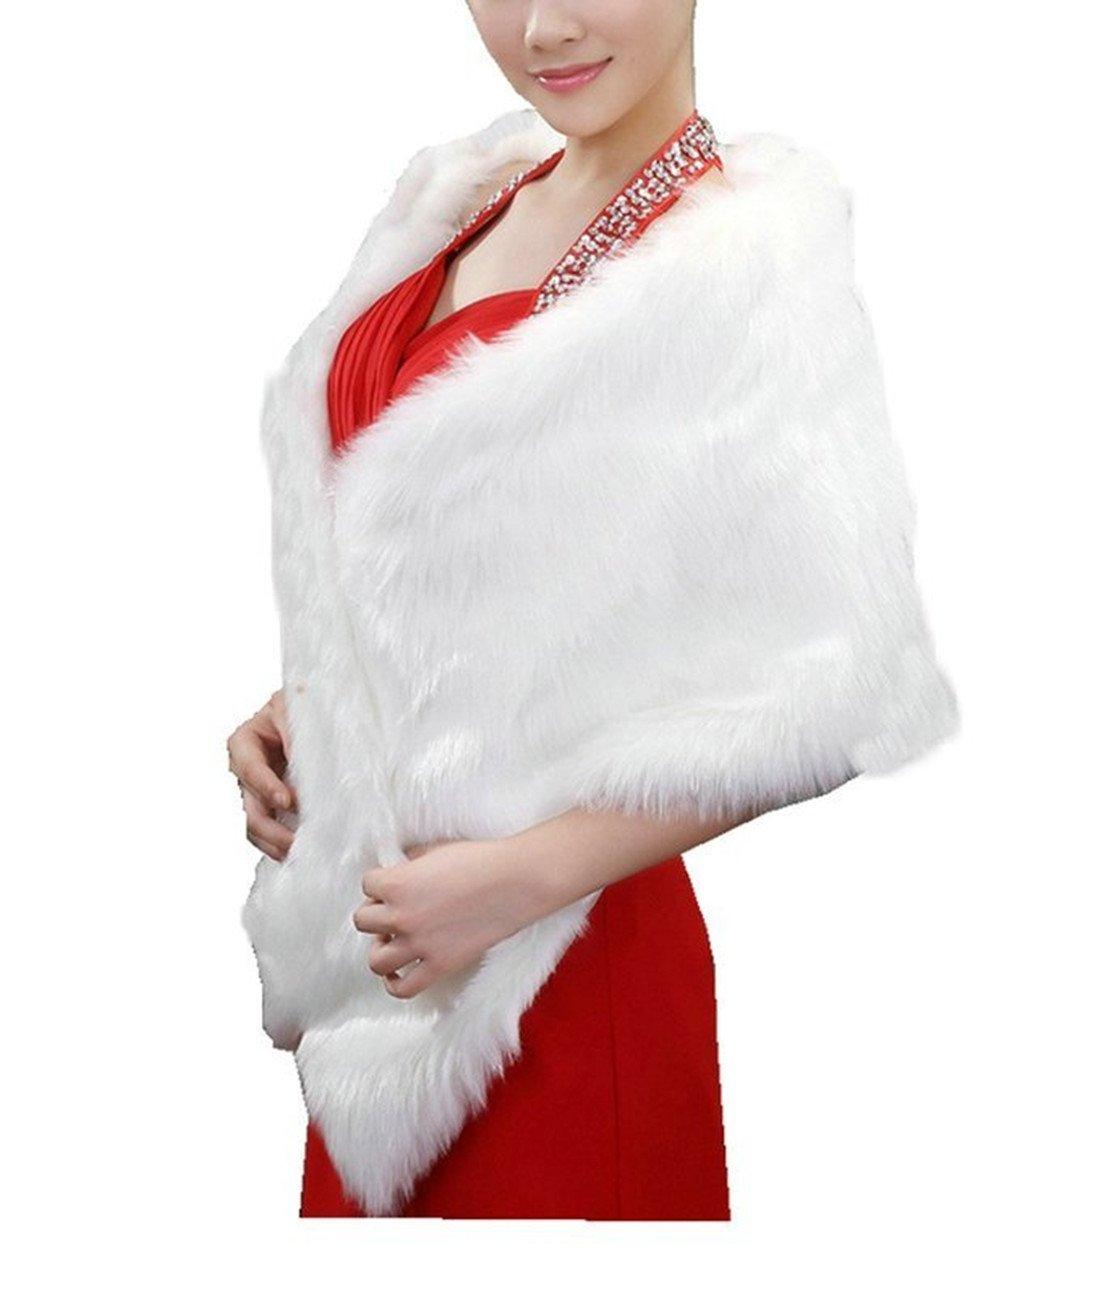 APTRO Women's Faux Fur Warm Dress Stole Shawl for Winter Weddings Style 1